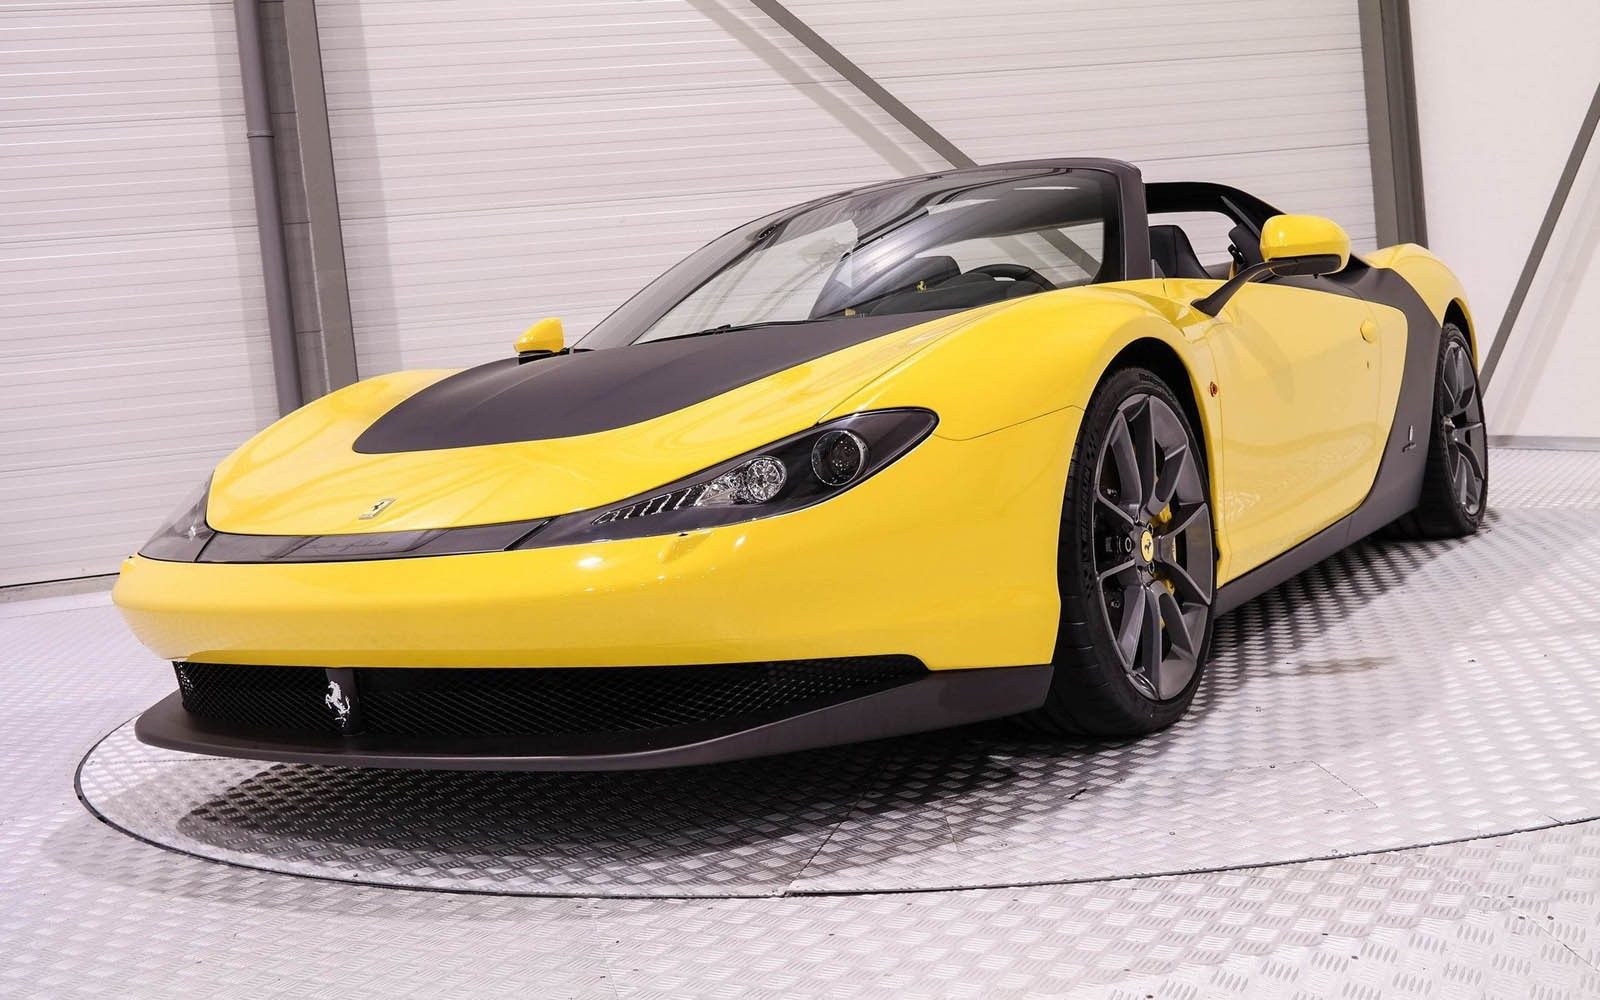 Xe++ - Ai sẽ bỏ ra 138 tỷ để tậu siêu xe Ferrari cực độc này? (Hình 2).